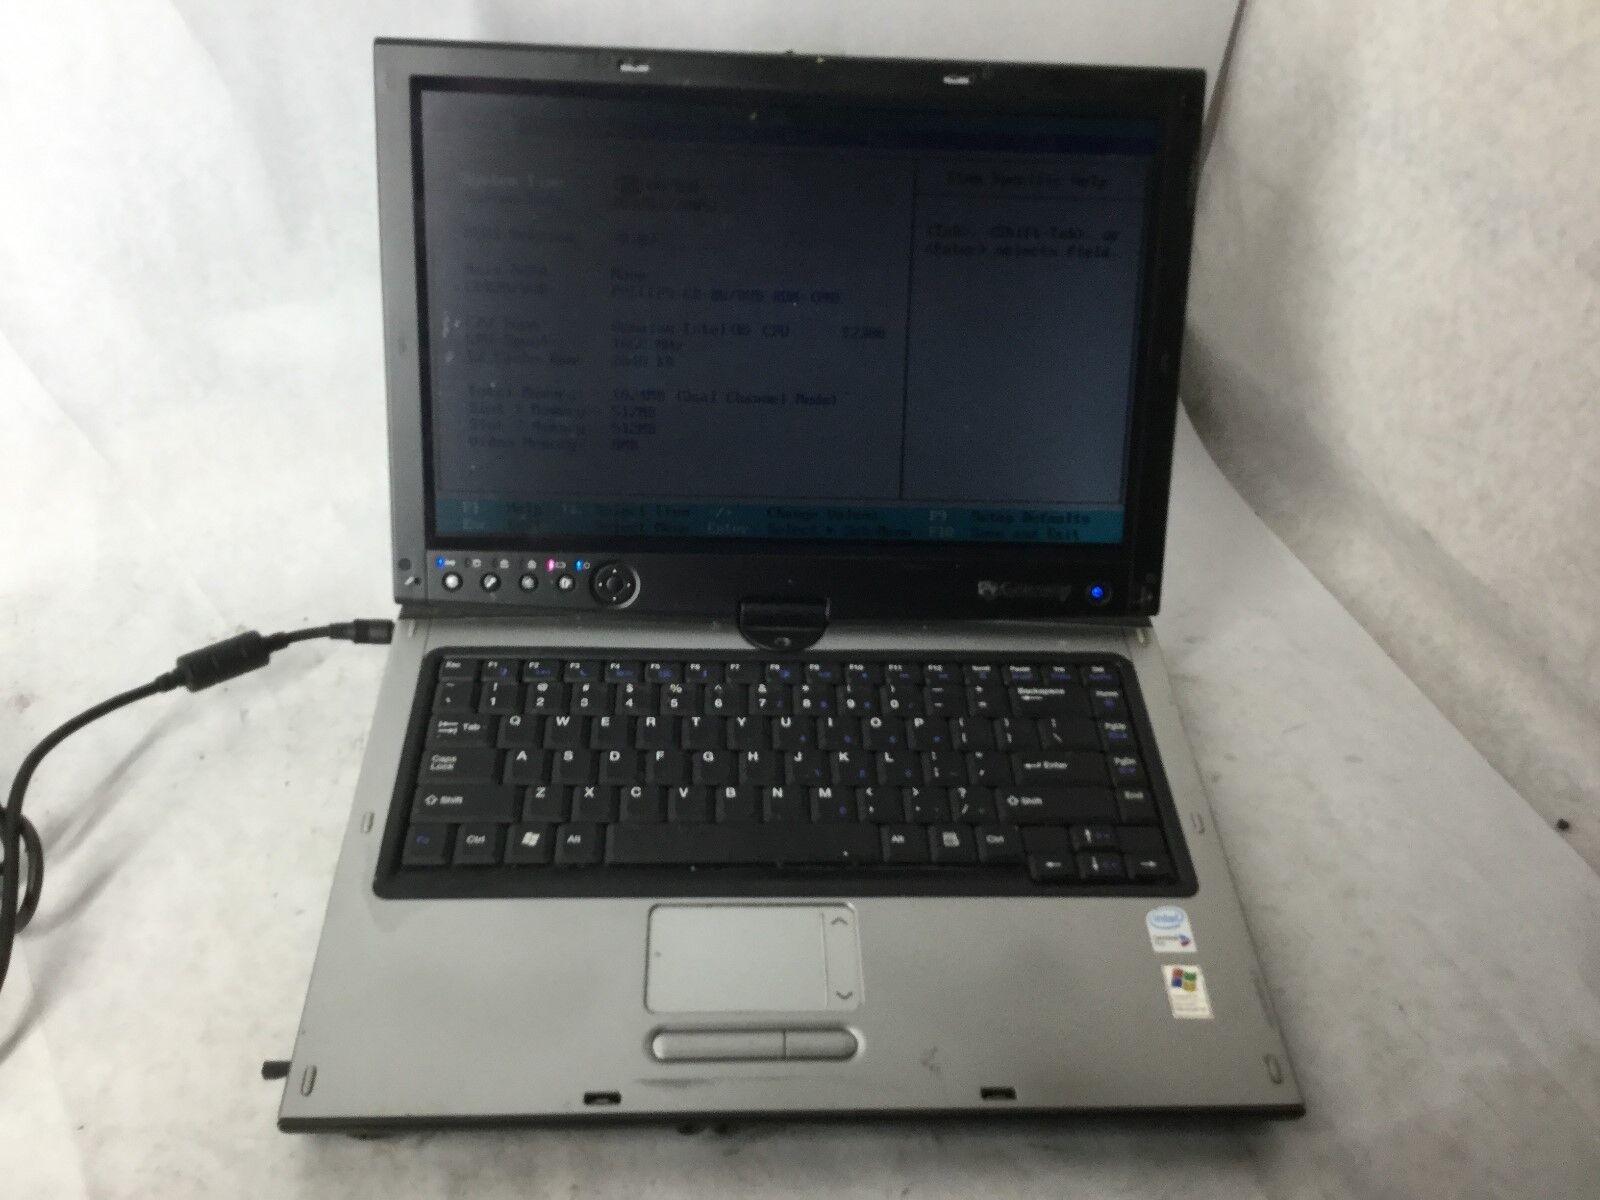 Gateway M285-E Intel CPU 1.6GHz 1gb RAM Laptop Computer -CZ